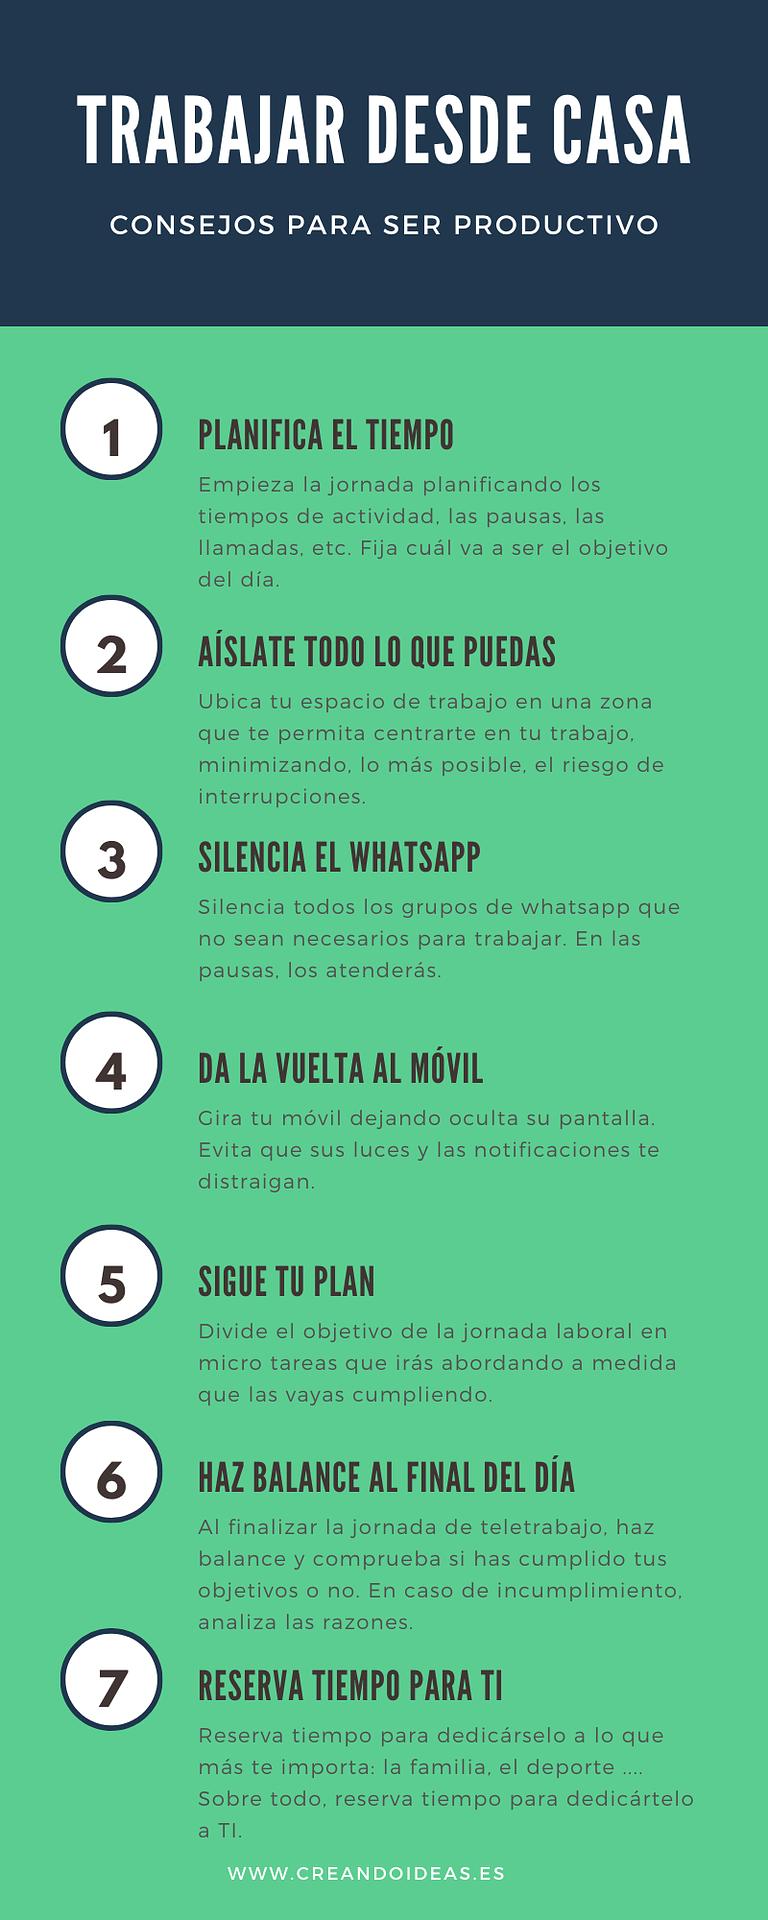 Infografía con consejos para trabajar desde casa